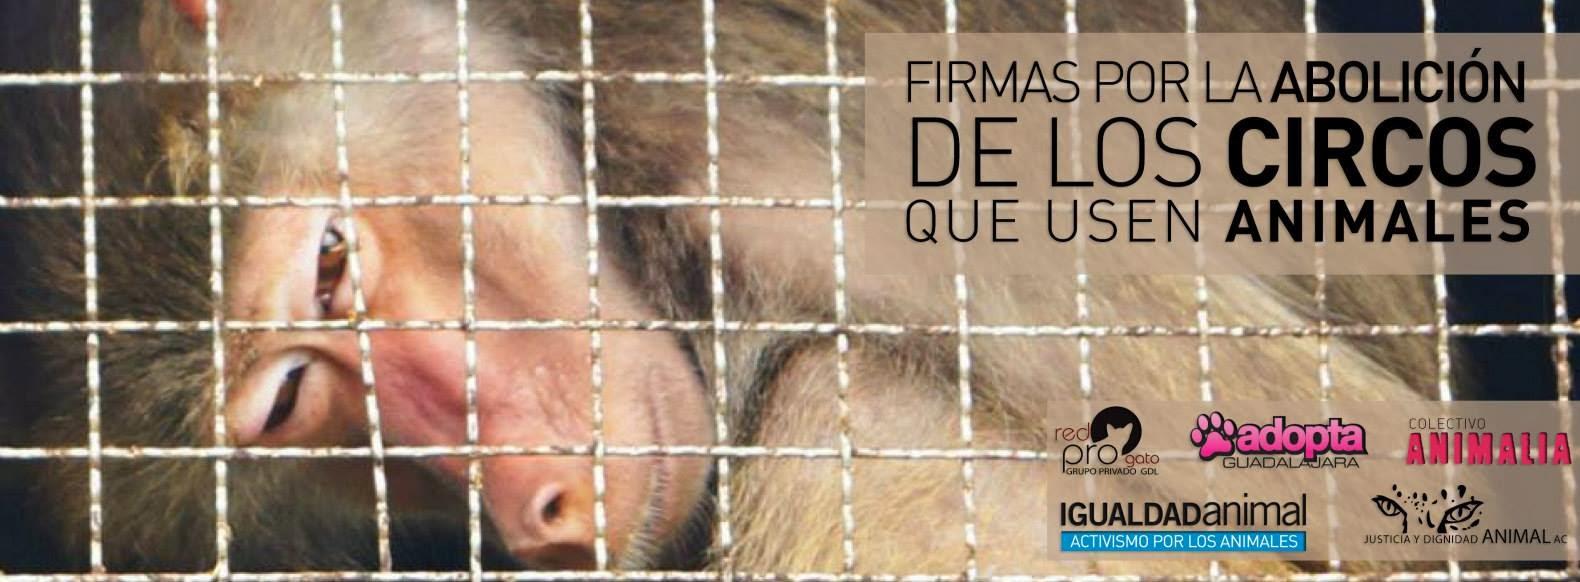 FIRMA por la abolición de los circos con animales